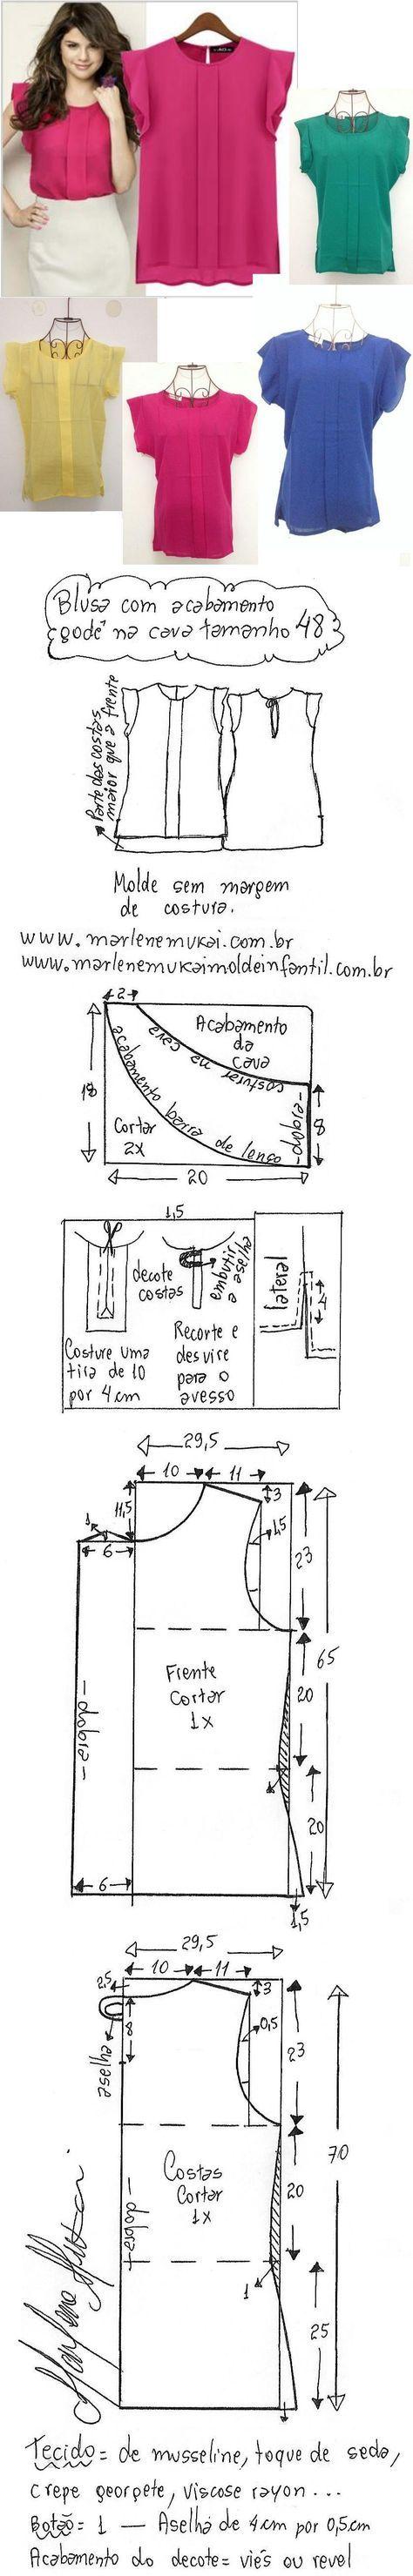 Blusa com acabamento godê na cava. Esquema de modelagem de blusa com acabamento godê na cava e detalhe em prega macho na frente do 36 ao 56.